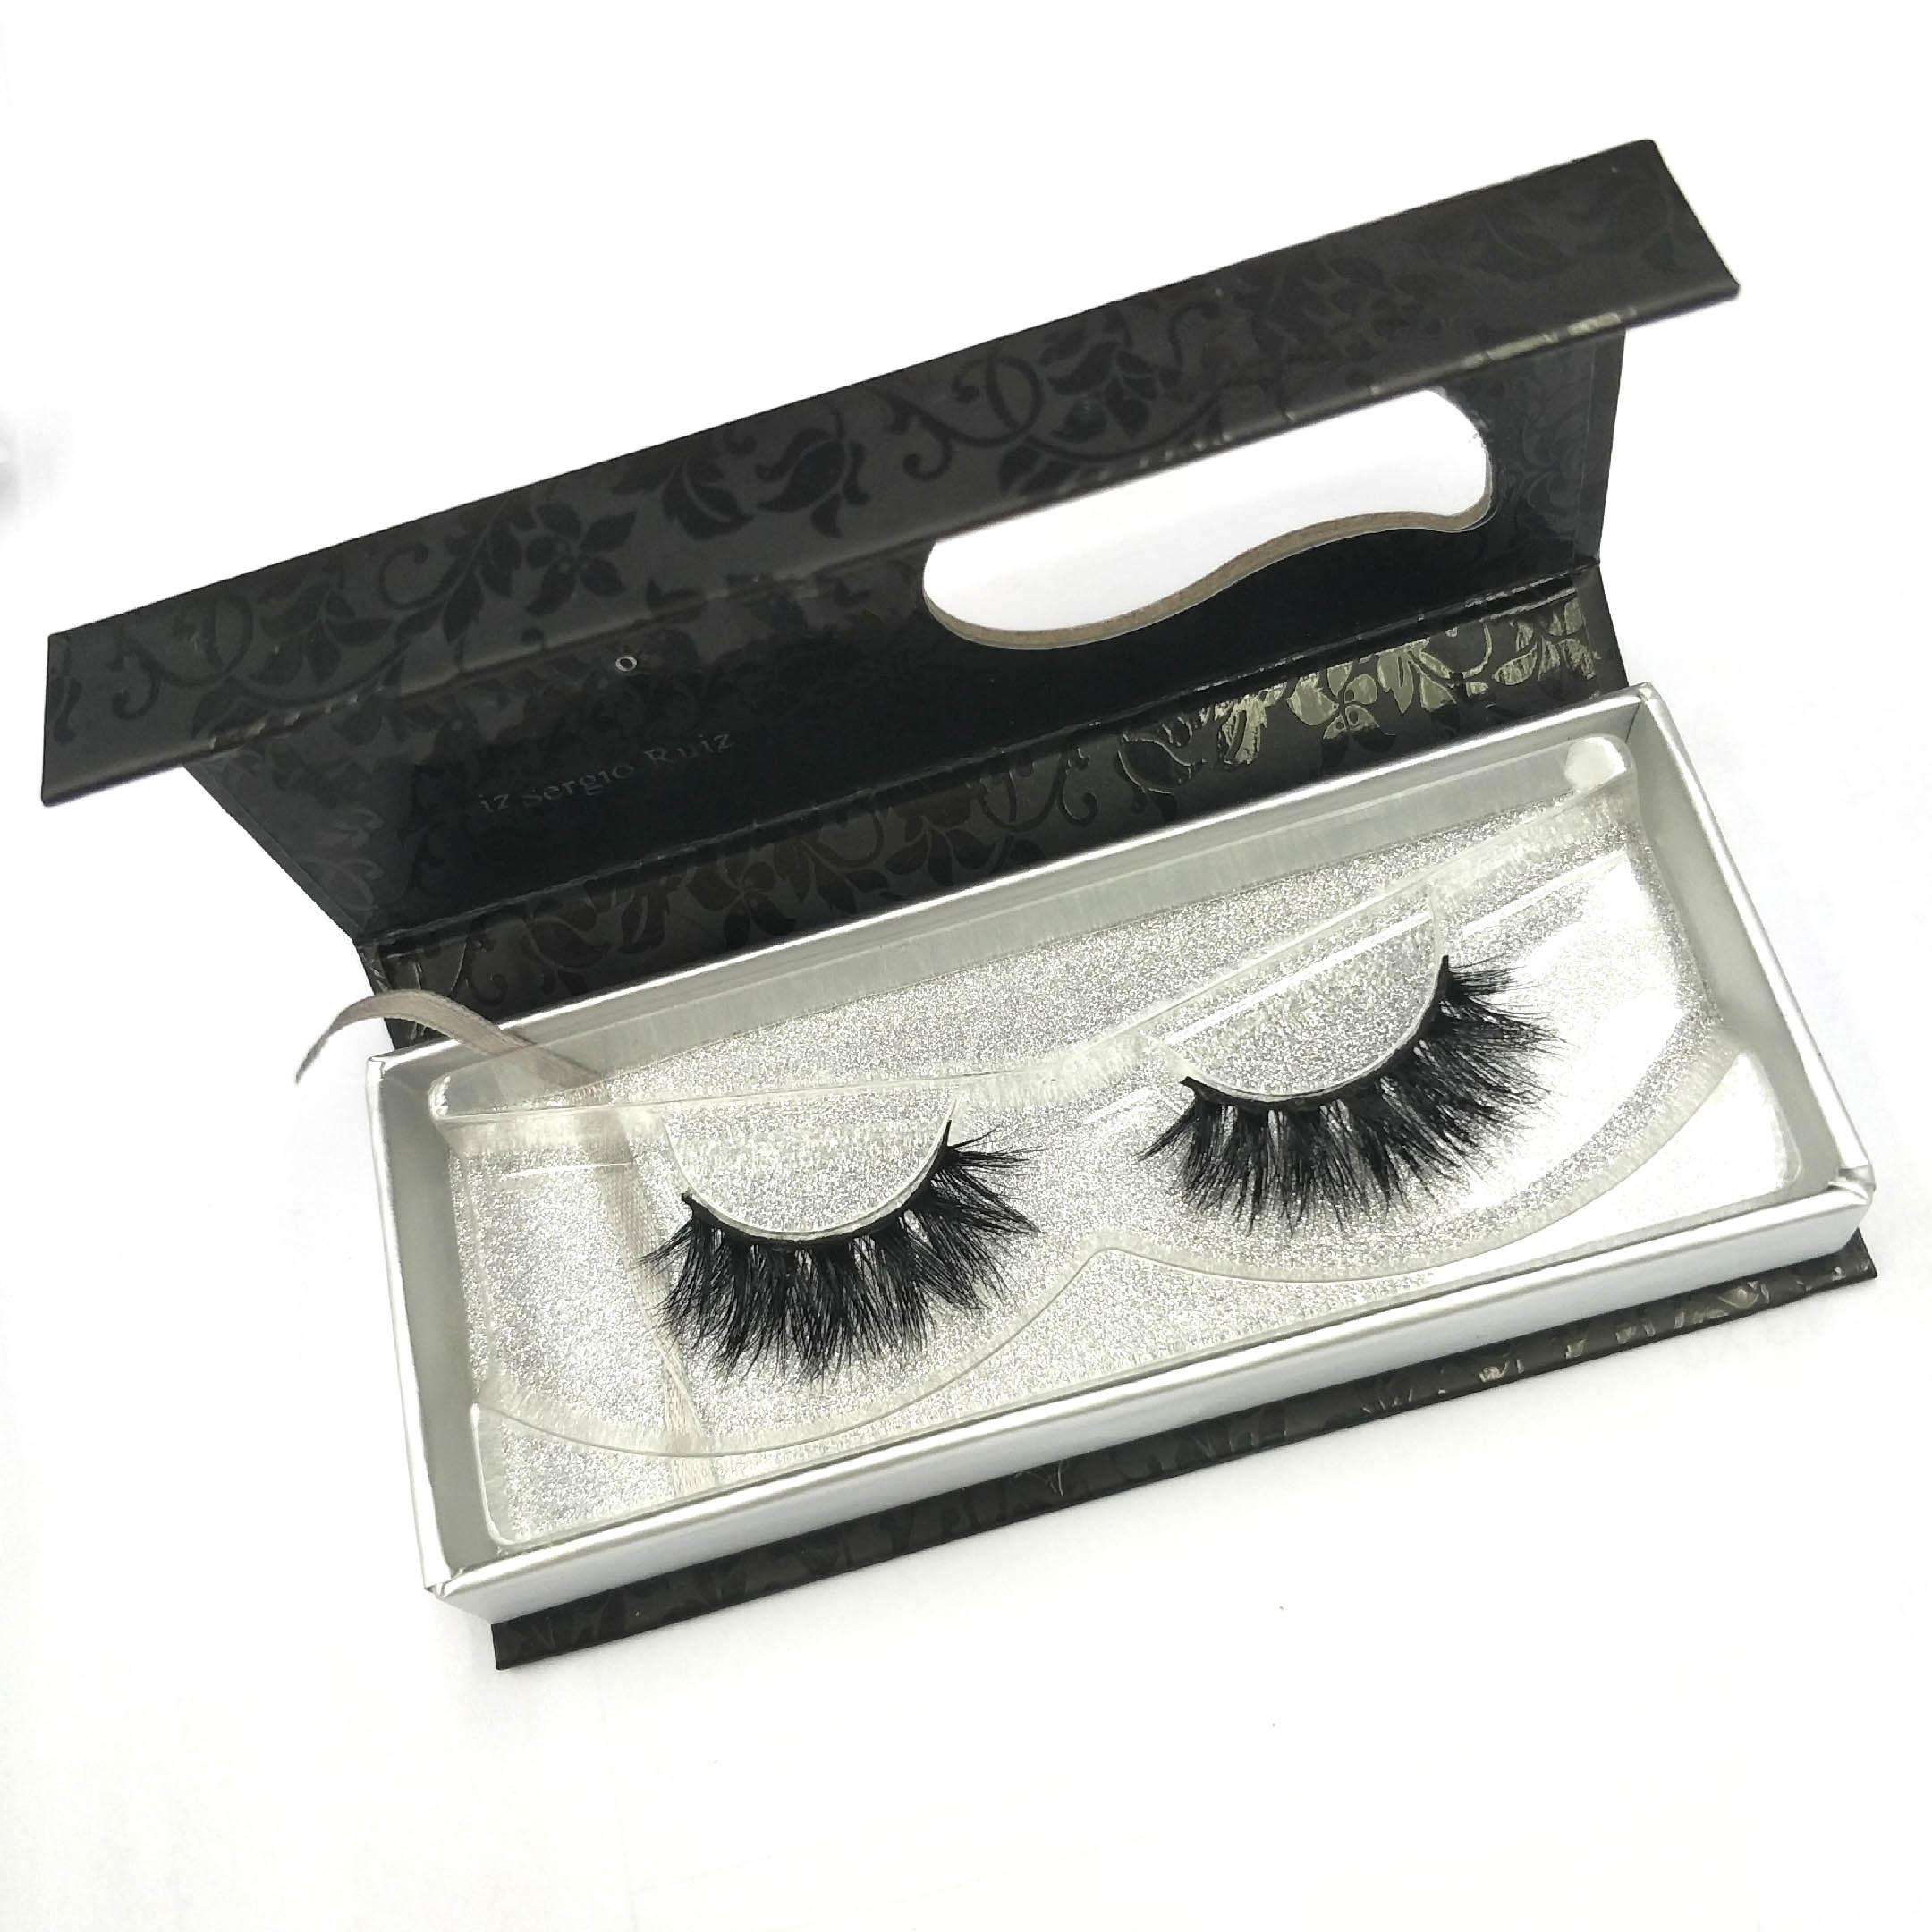 fc8999e0934 China Handcrafted Fashion Multi Layered 3D Mink Lashes - China Lashes,  Eyelashes